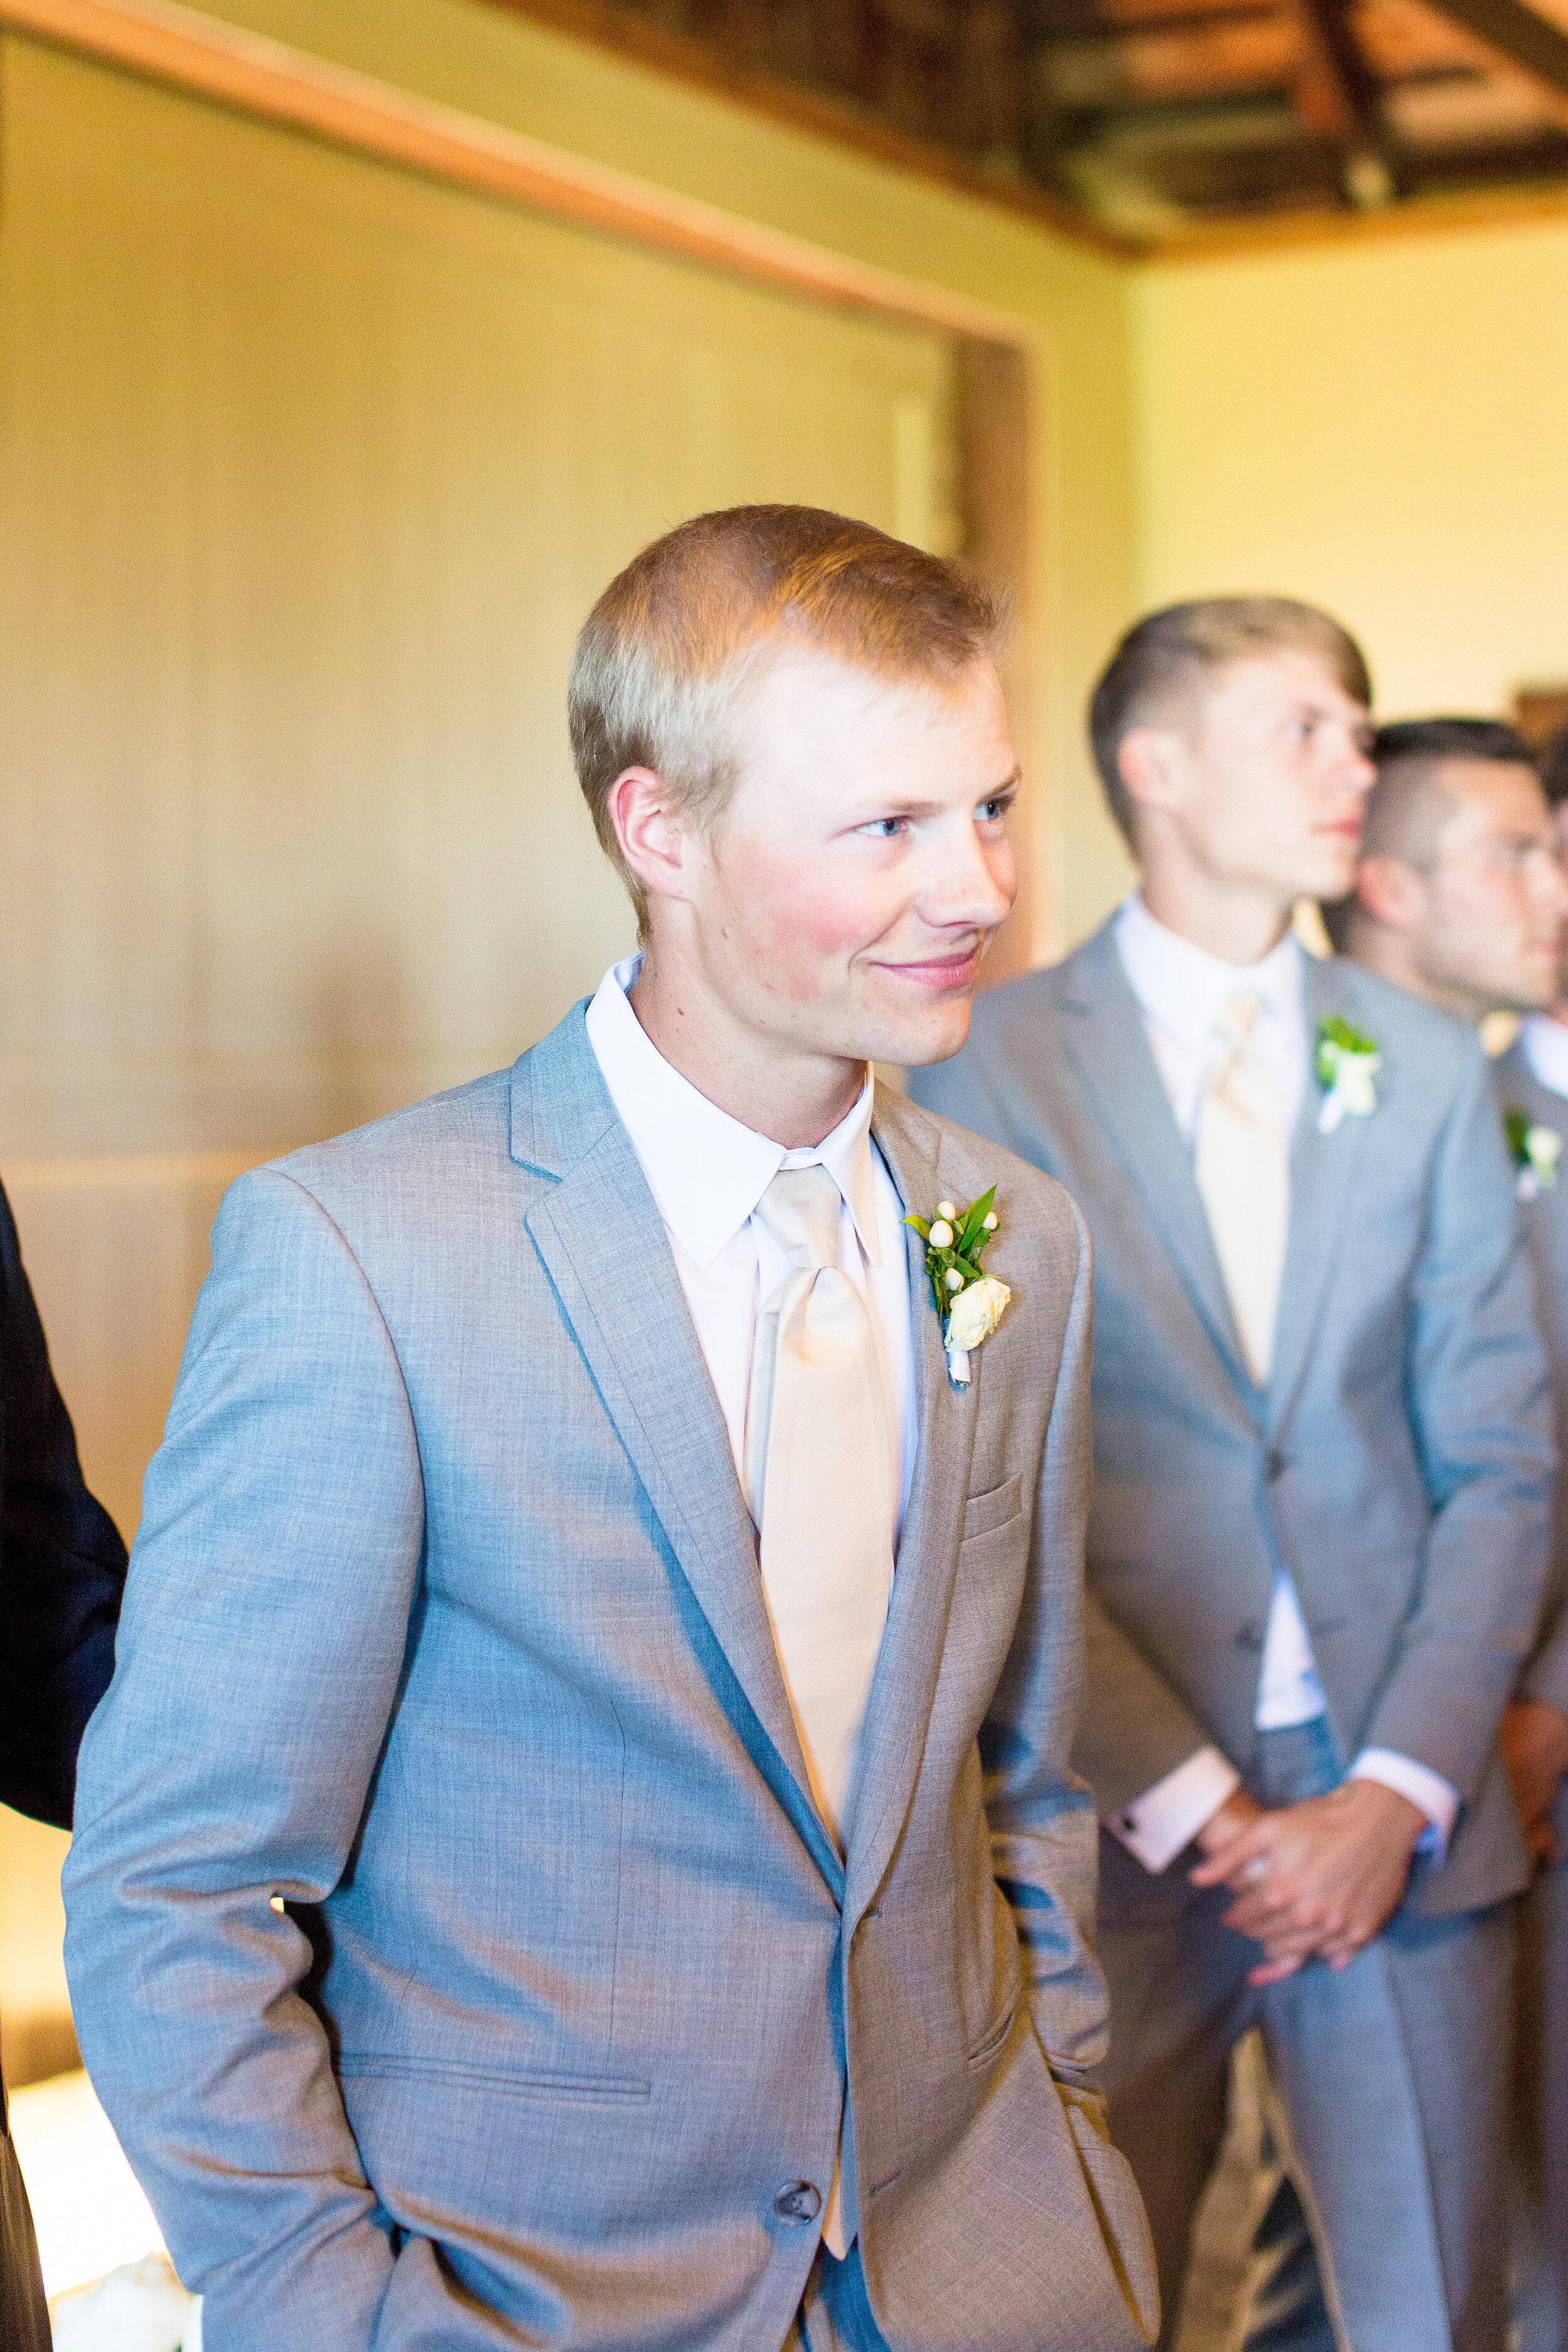 spokane groom seeing bride walking down aisle